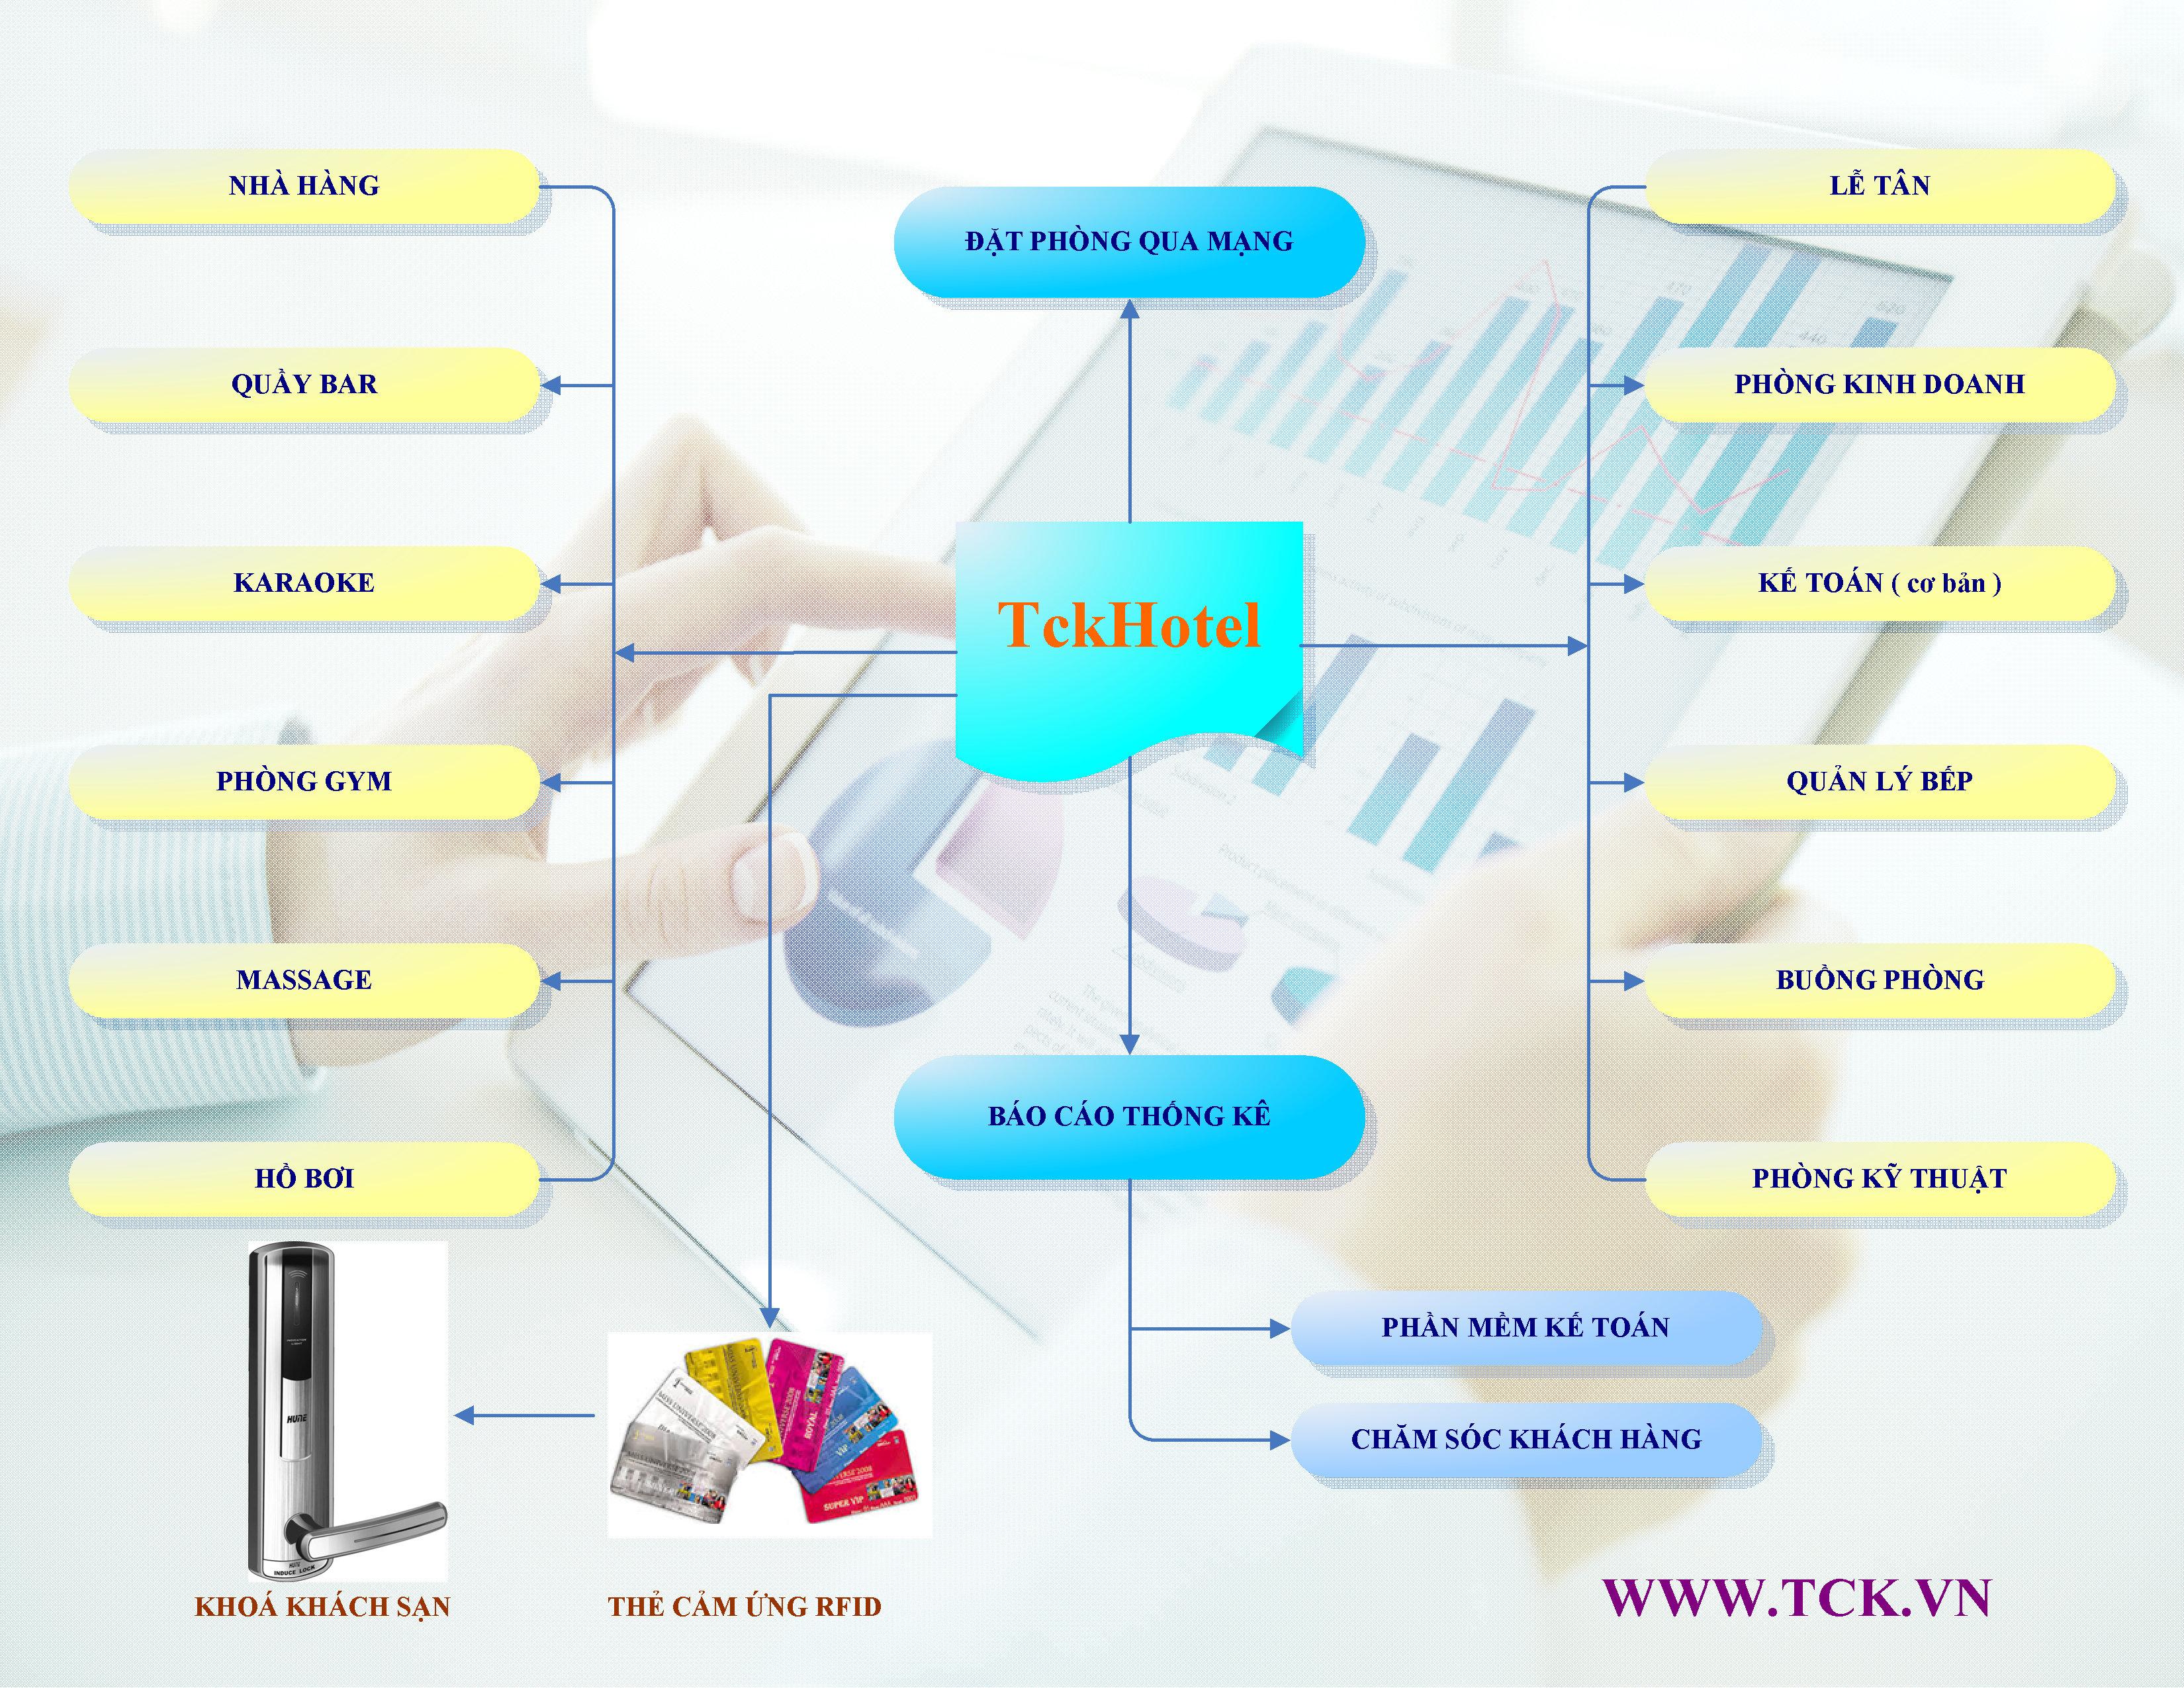 phần mềm quản lý khách sạn online tckhotel